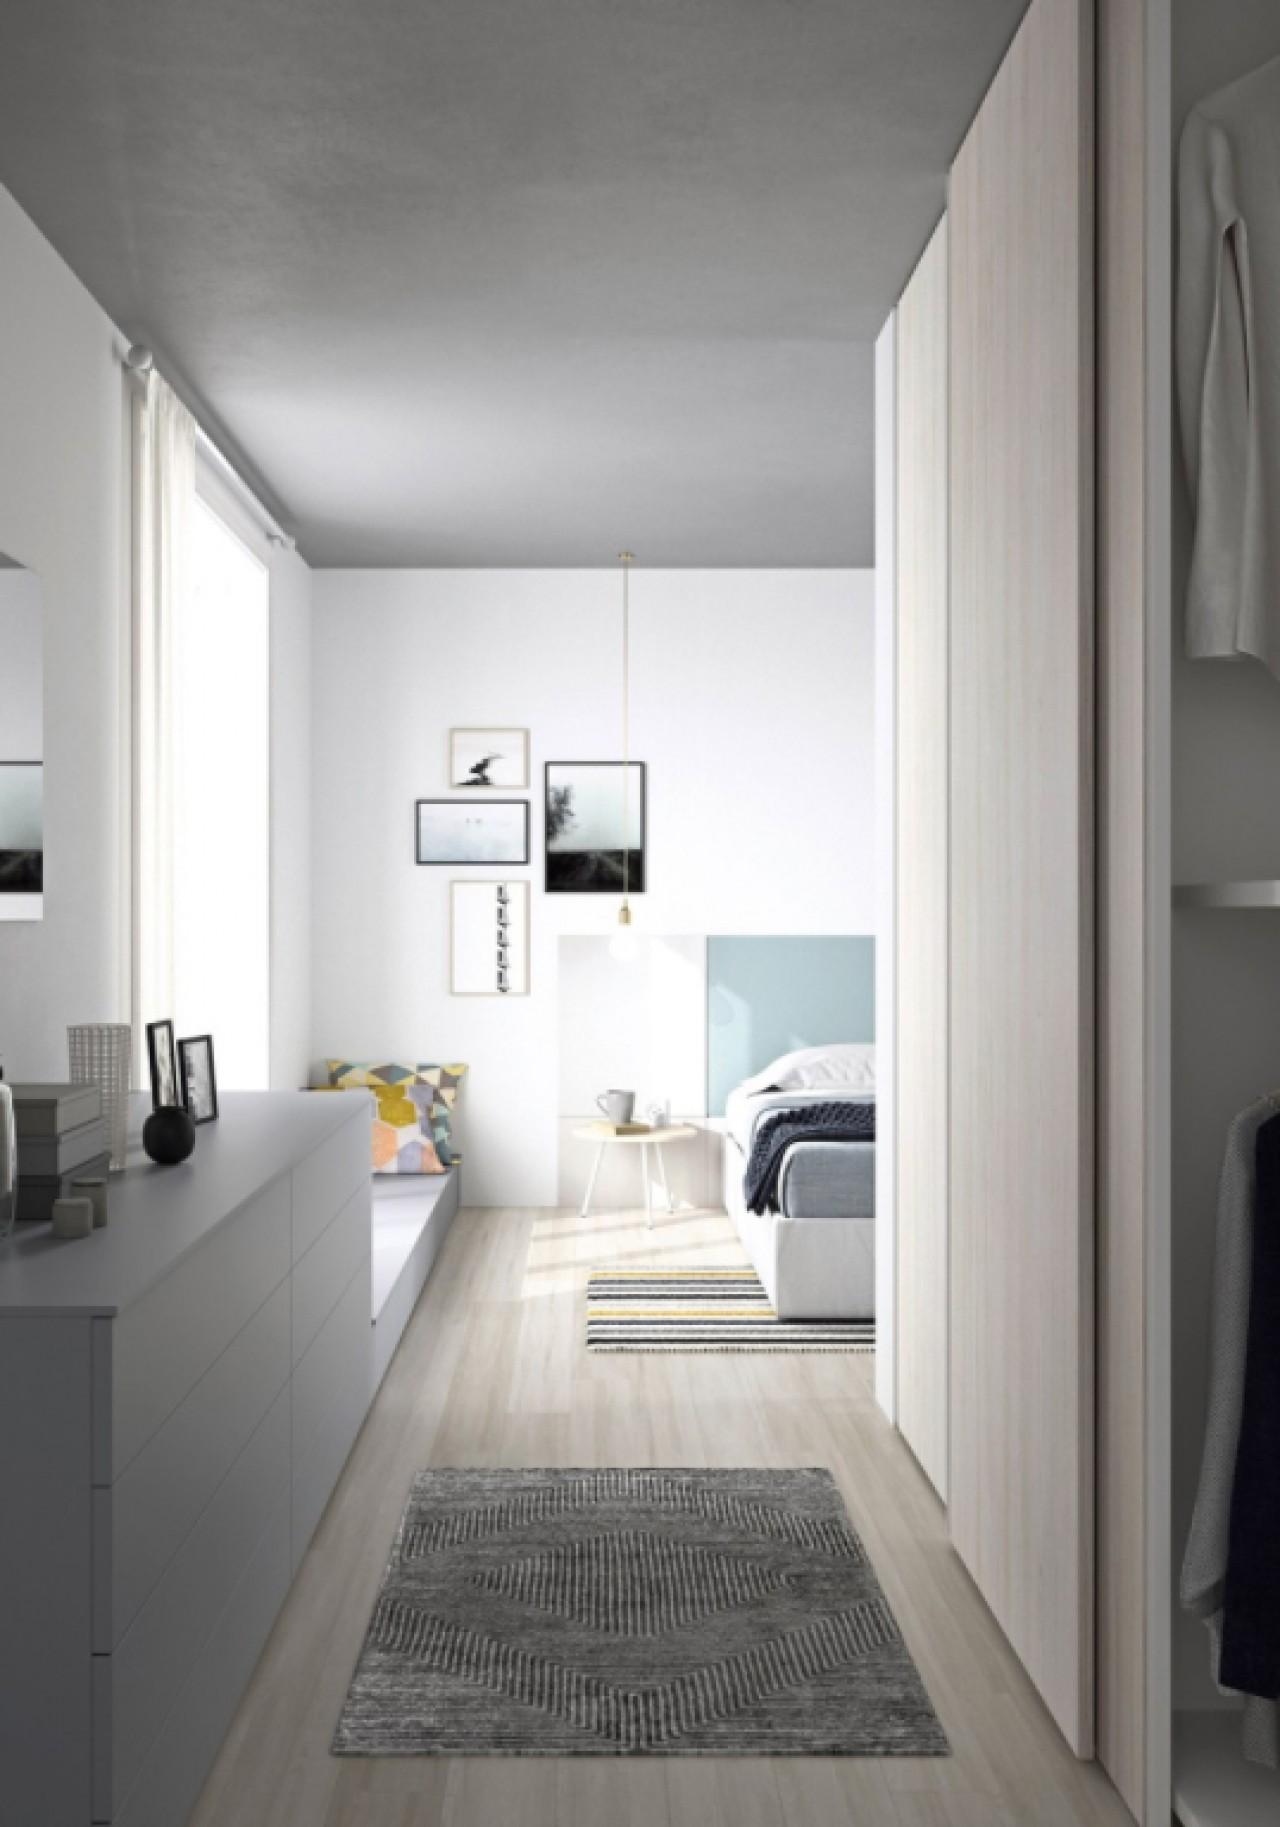 C3 cl07 camera da letto camere da letto cinquanta3 for Arredamenti traiano torino